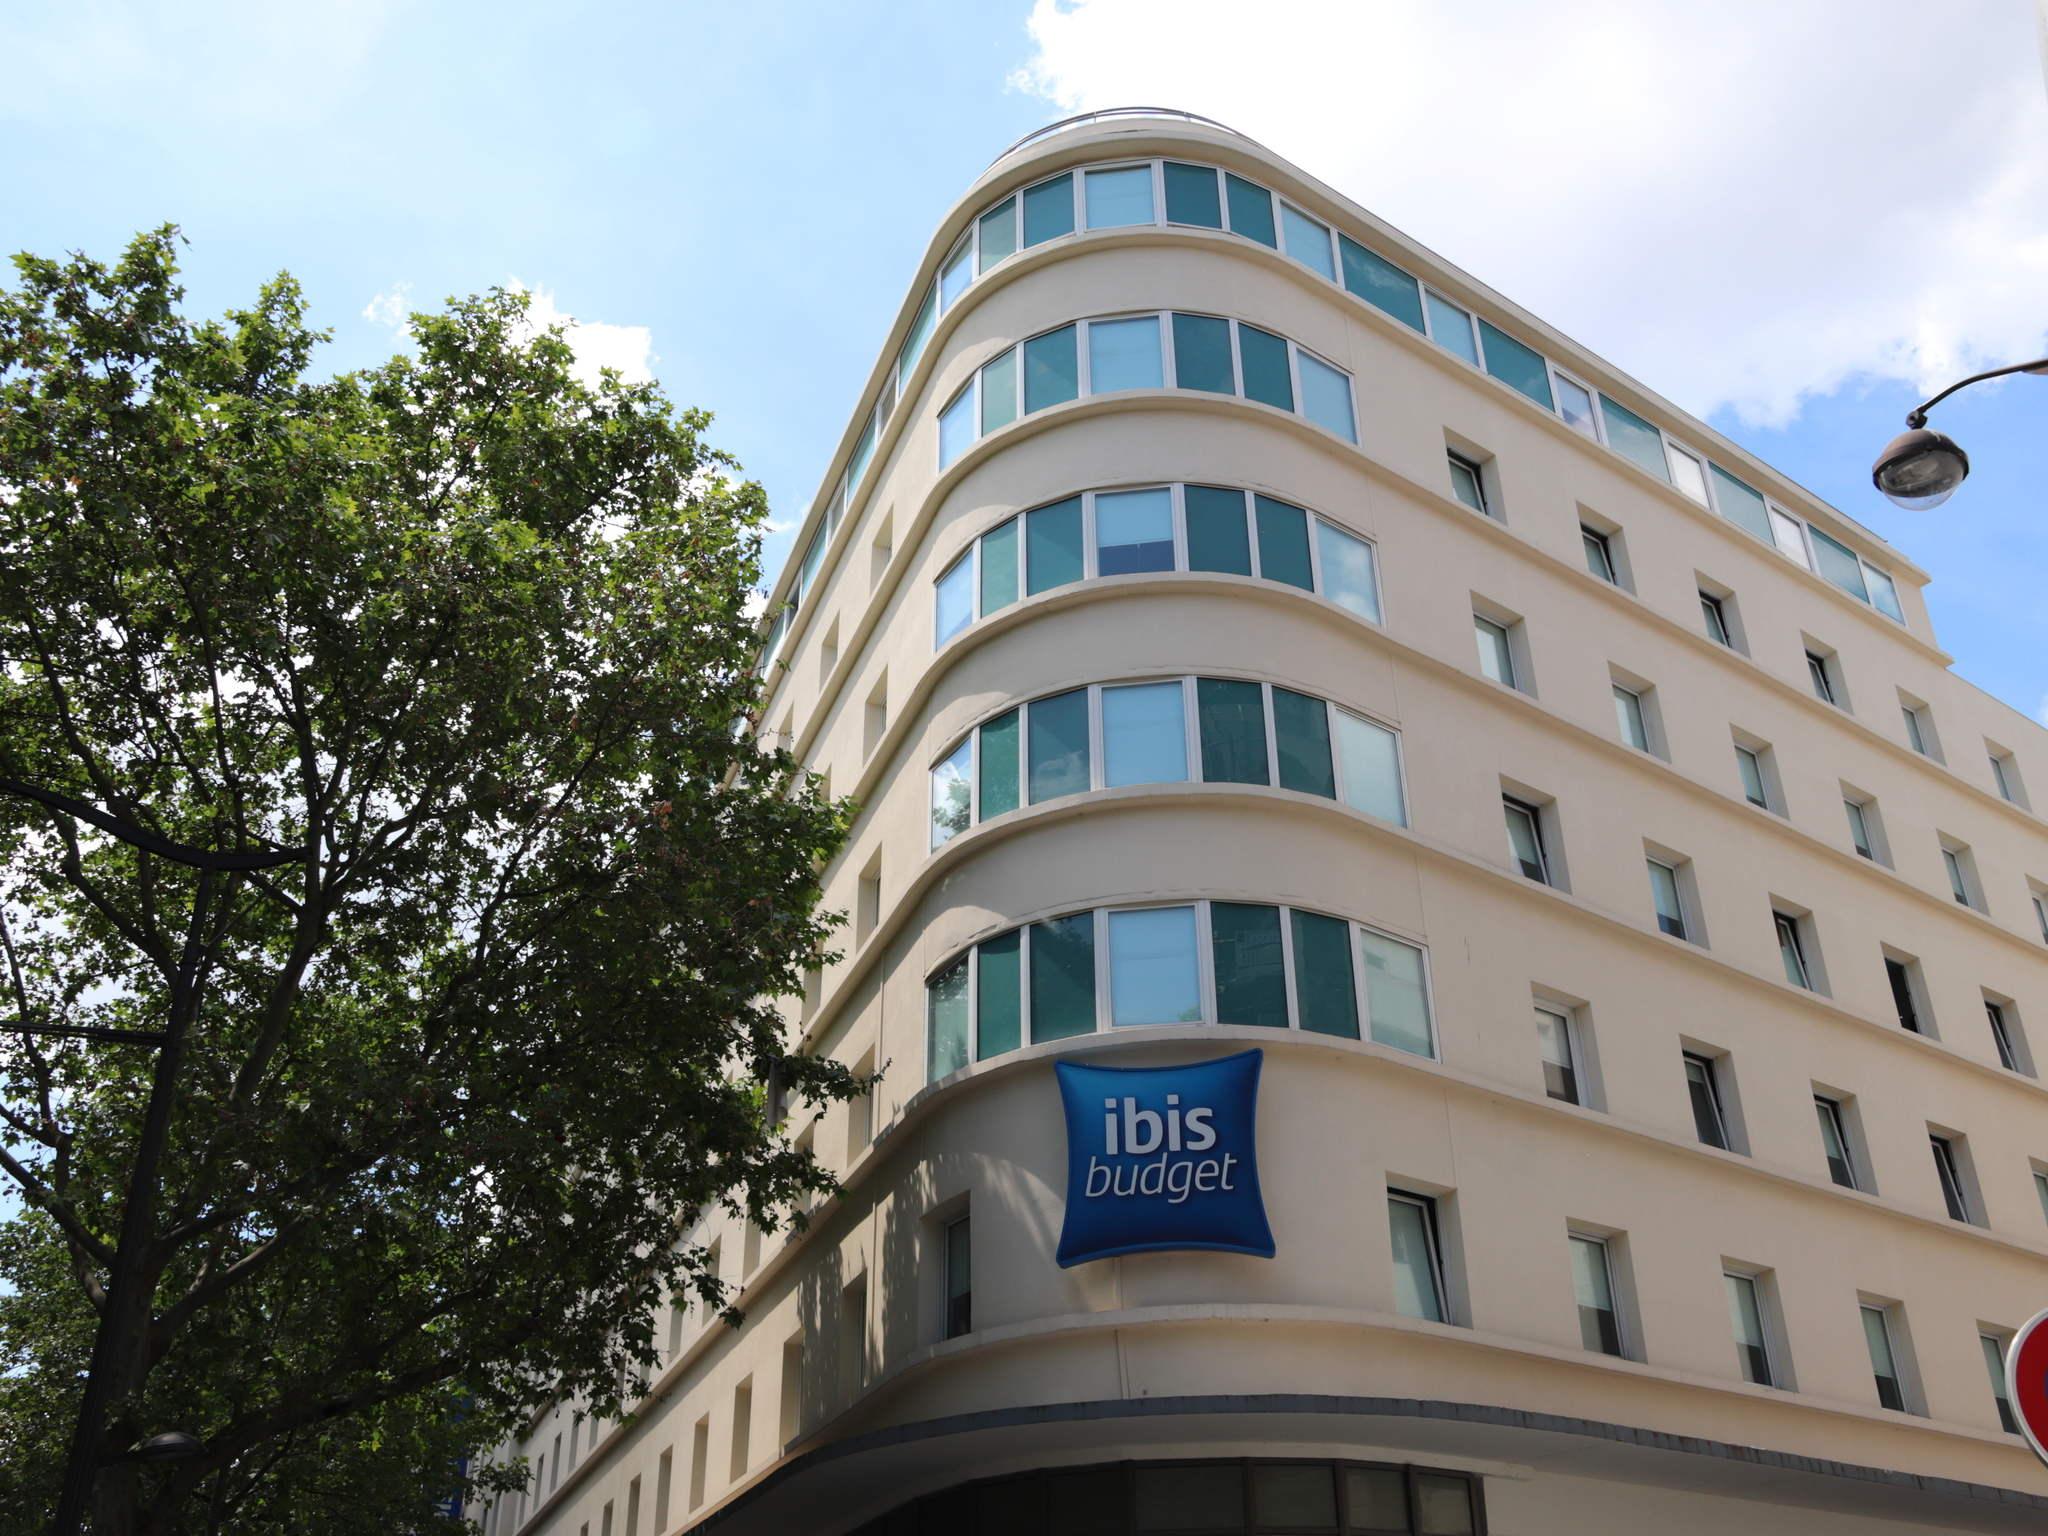 โรงแรม – ไอบิส บัดเจ็ท ปารีส ลาวิลแล็ต 19เอเม่